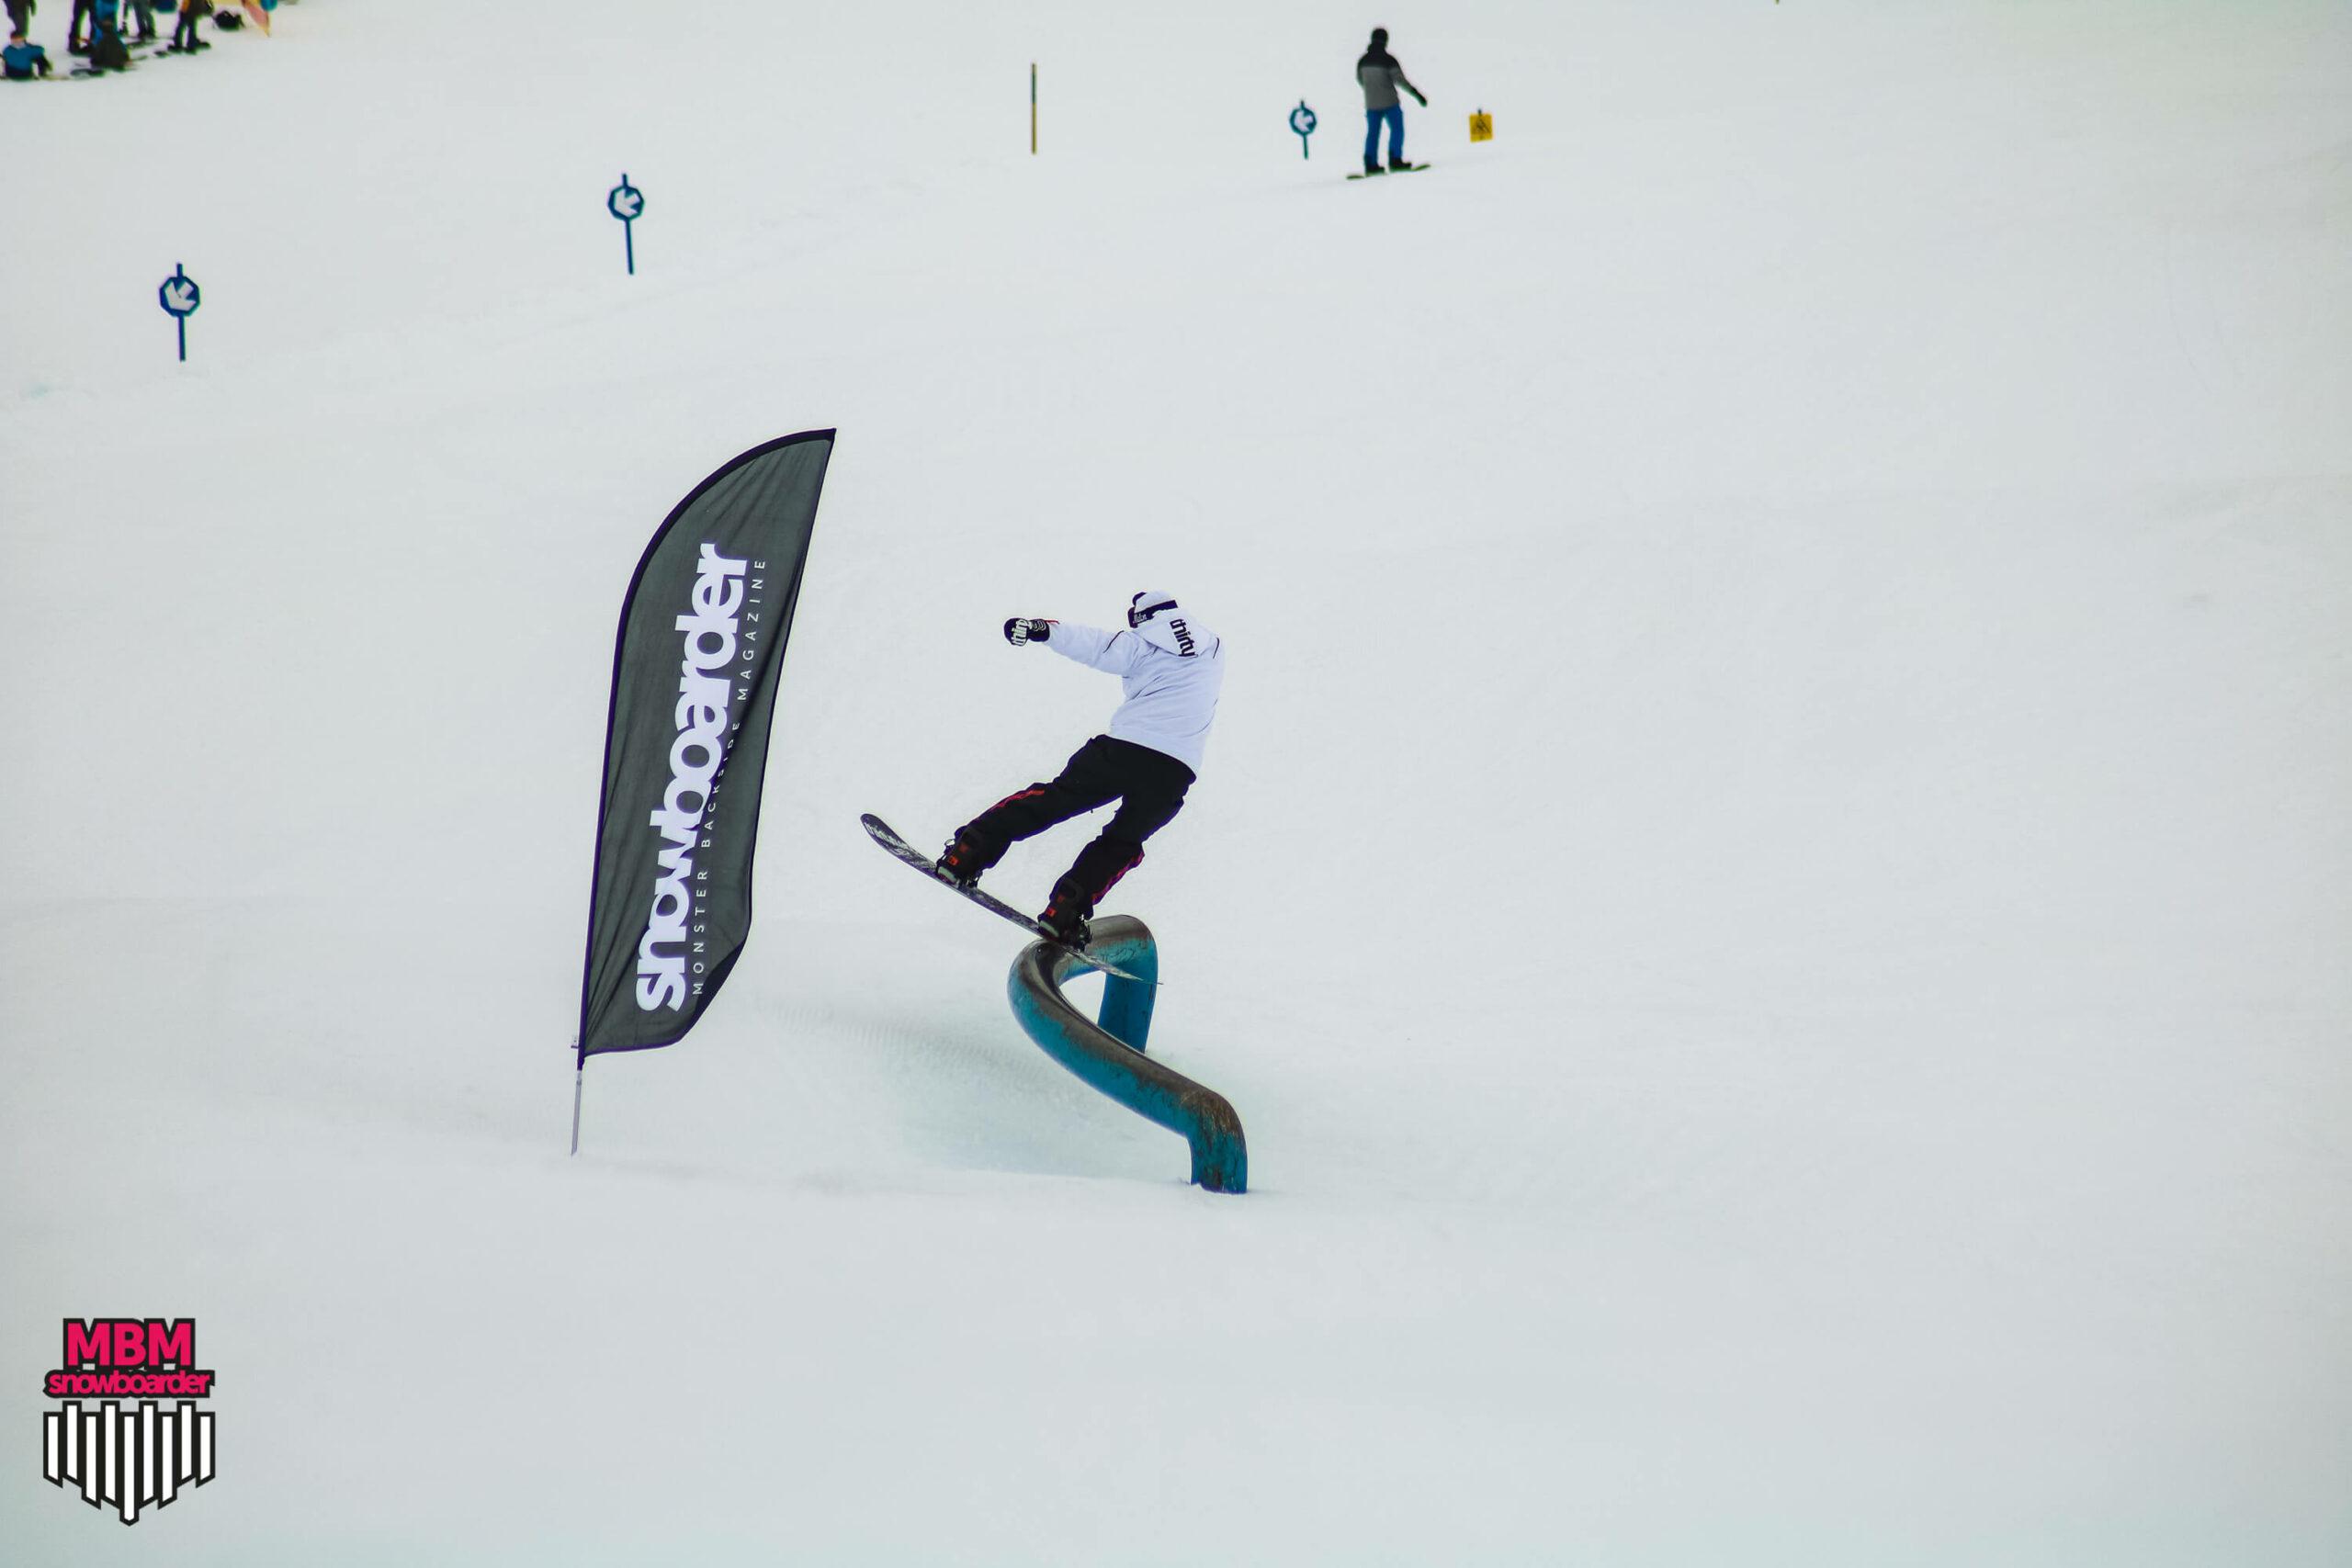 snowboarderMBM_sd_kaunertal_026